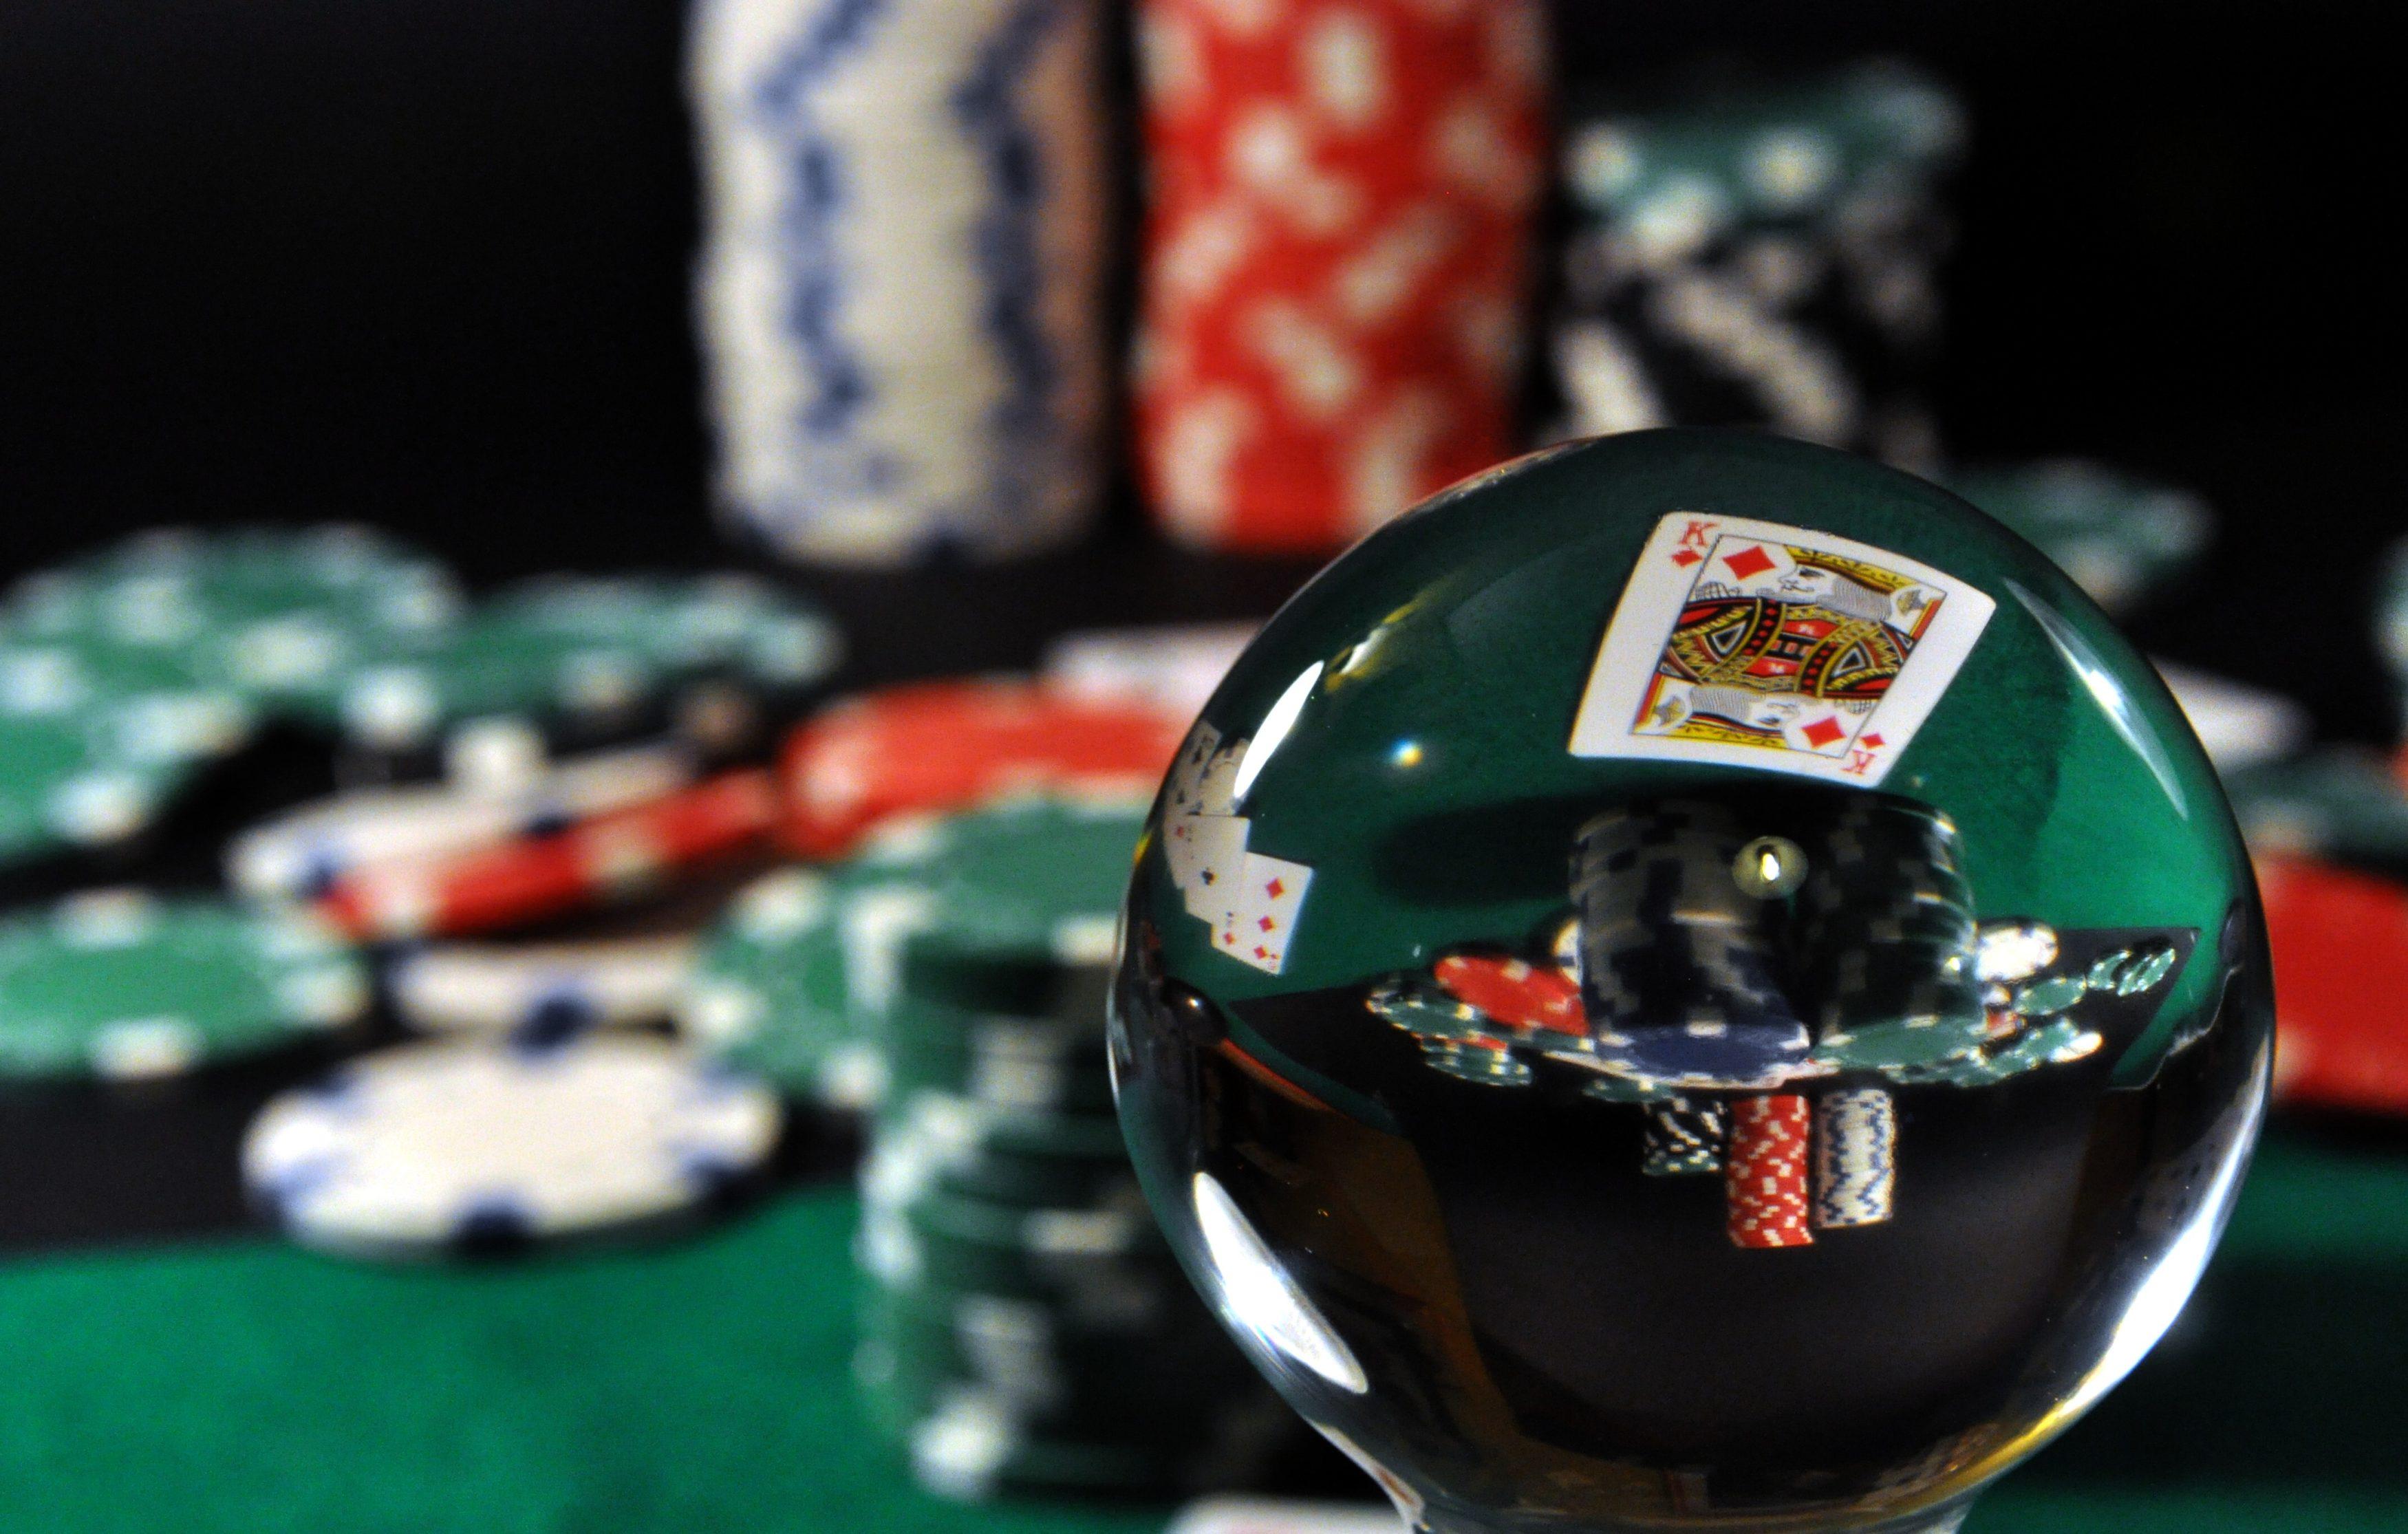 gambling21-3500x2230.jpg